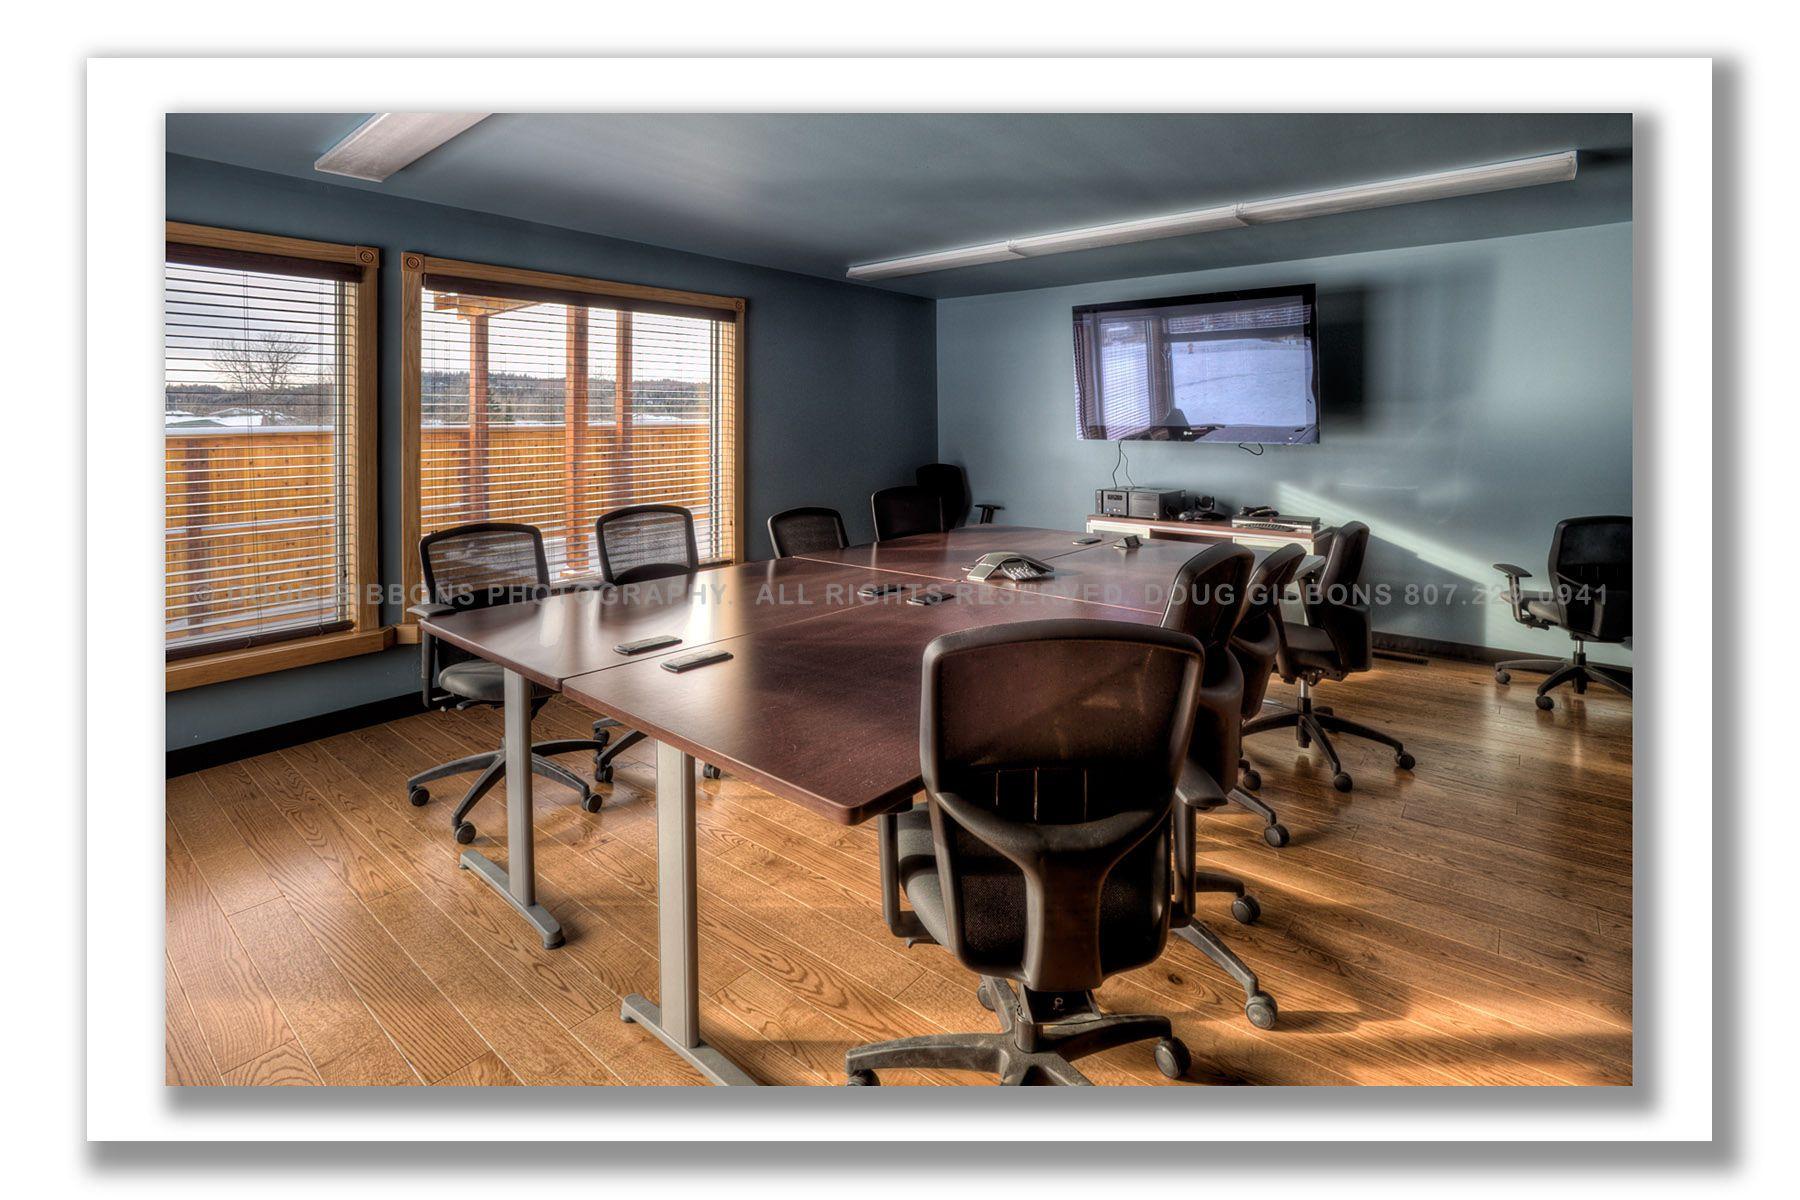 Pic River Hydro-Interior board room